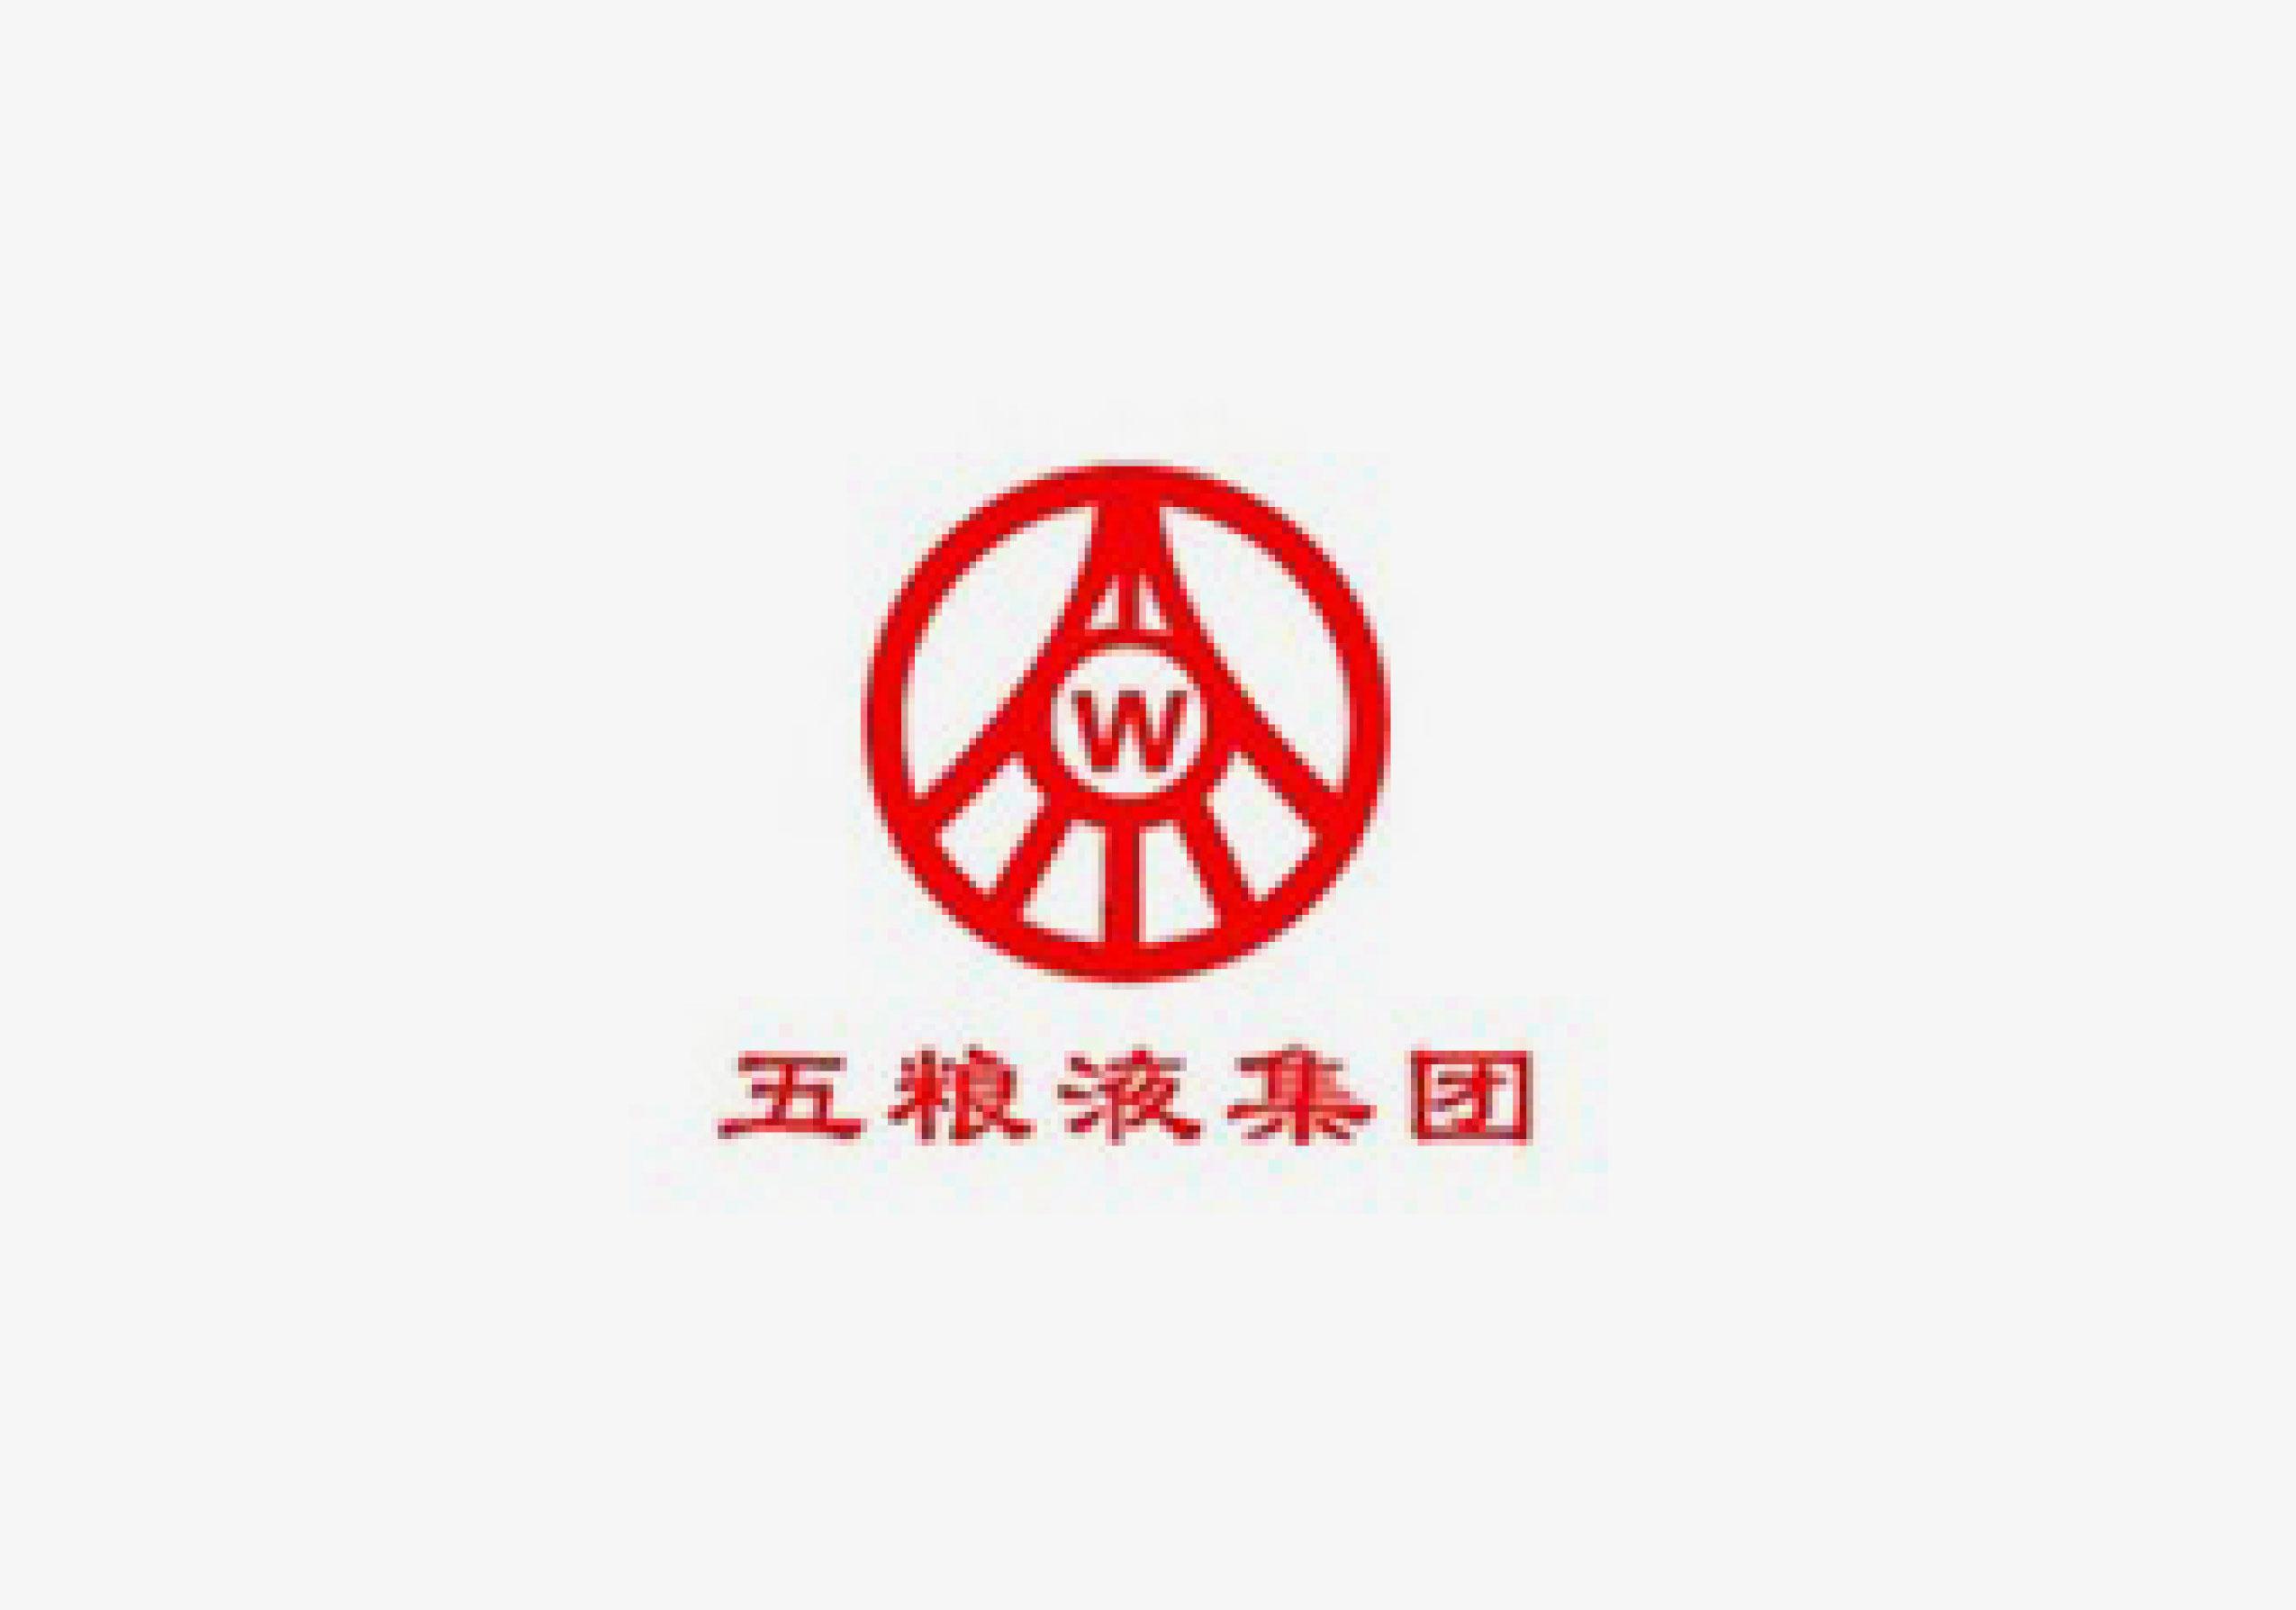 41五粮液-2015_广告设计_公司logo设计_vi系统__.